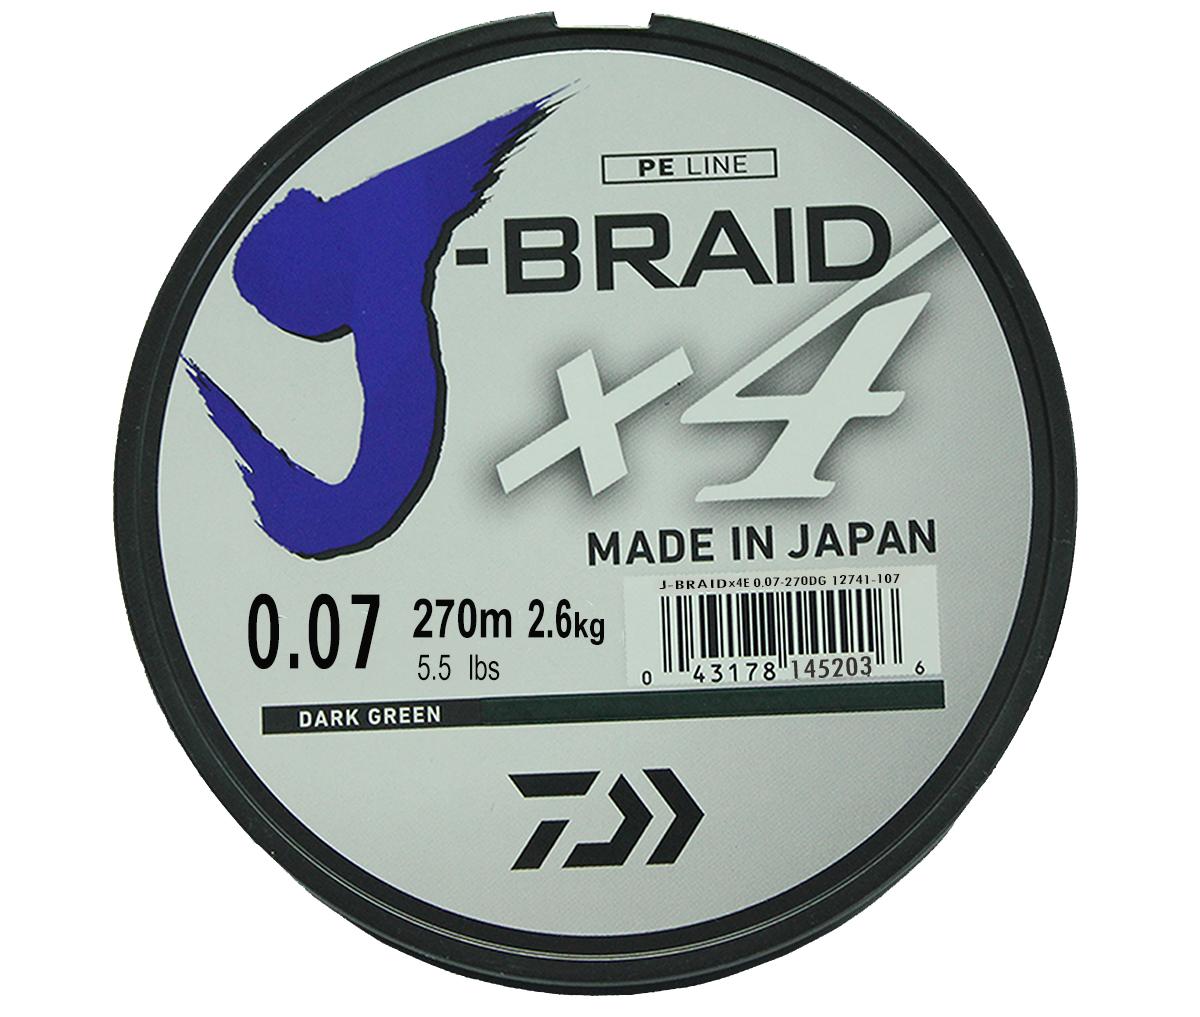 Шнур плетеный Daiwa J-Braid X4, цвет: зеленый, 270 м, 0,07 мм61168Новый 4х жильный шнур J-Braid, DAIWA - шнур высокого класса с удивительным соотношением цены и качества. Качество плетения полностью соответствует японским стандартам и удовлетворяет всем требованиям. Представленные диаметры позволяют использовать шнур для всех техник ловли, начиная от ultra- light ловли окуня, до морской ловли палтуса, трески и т.д